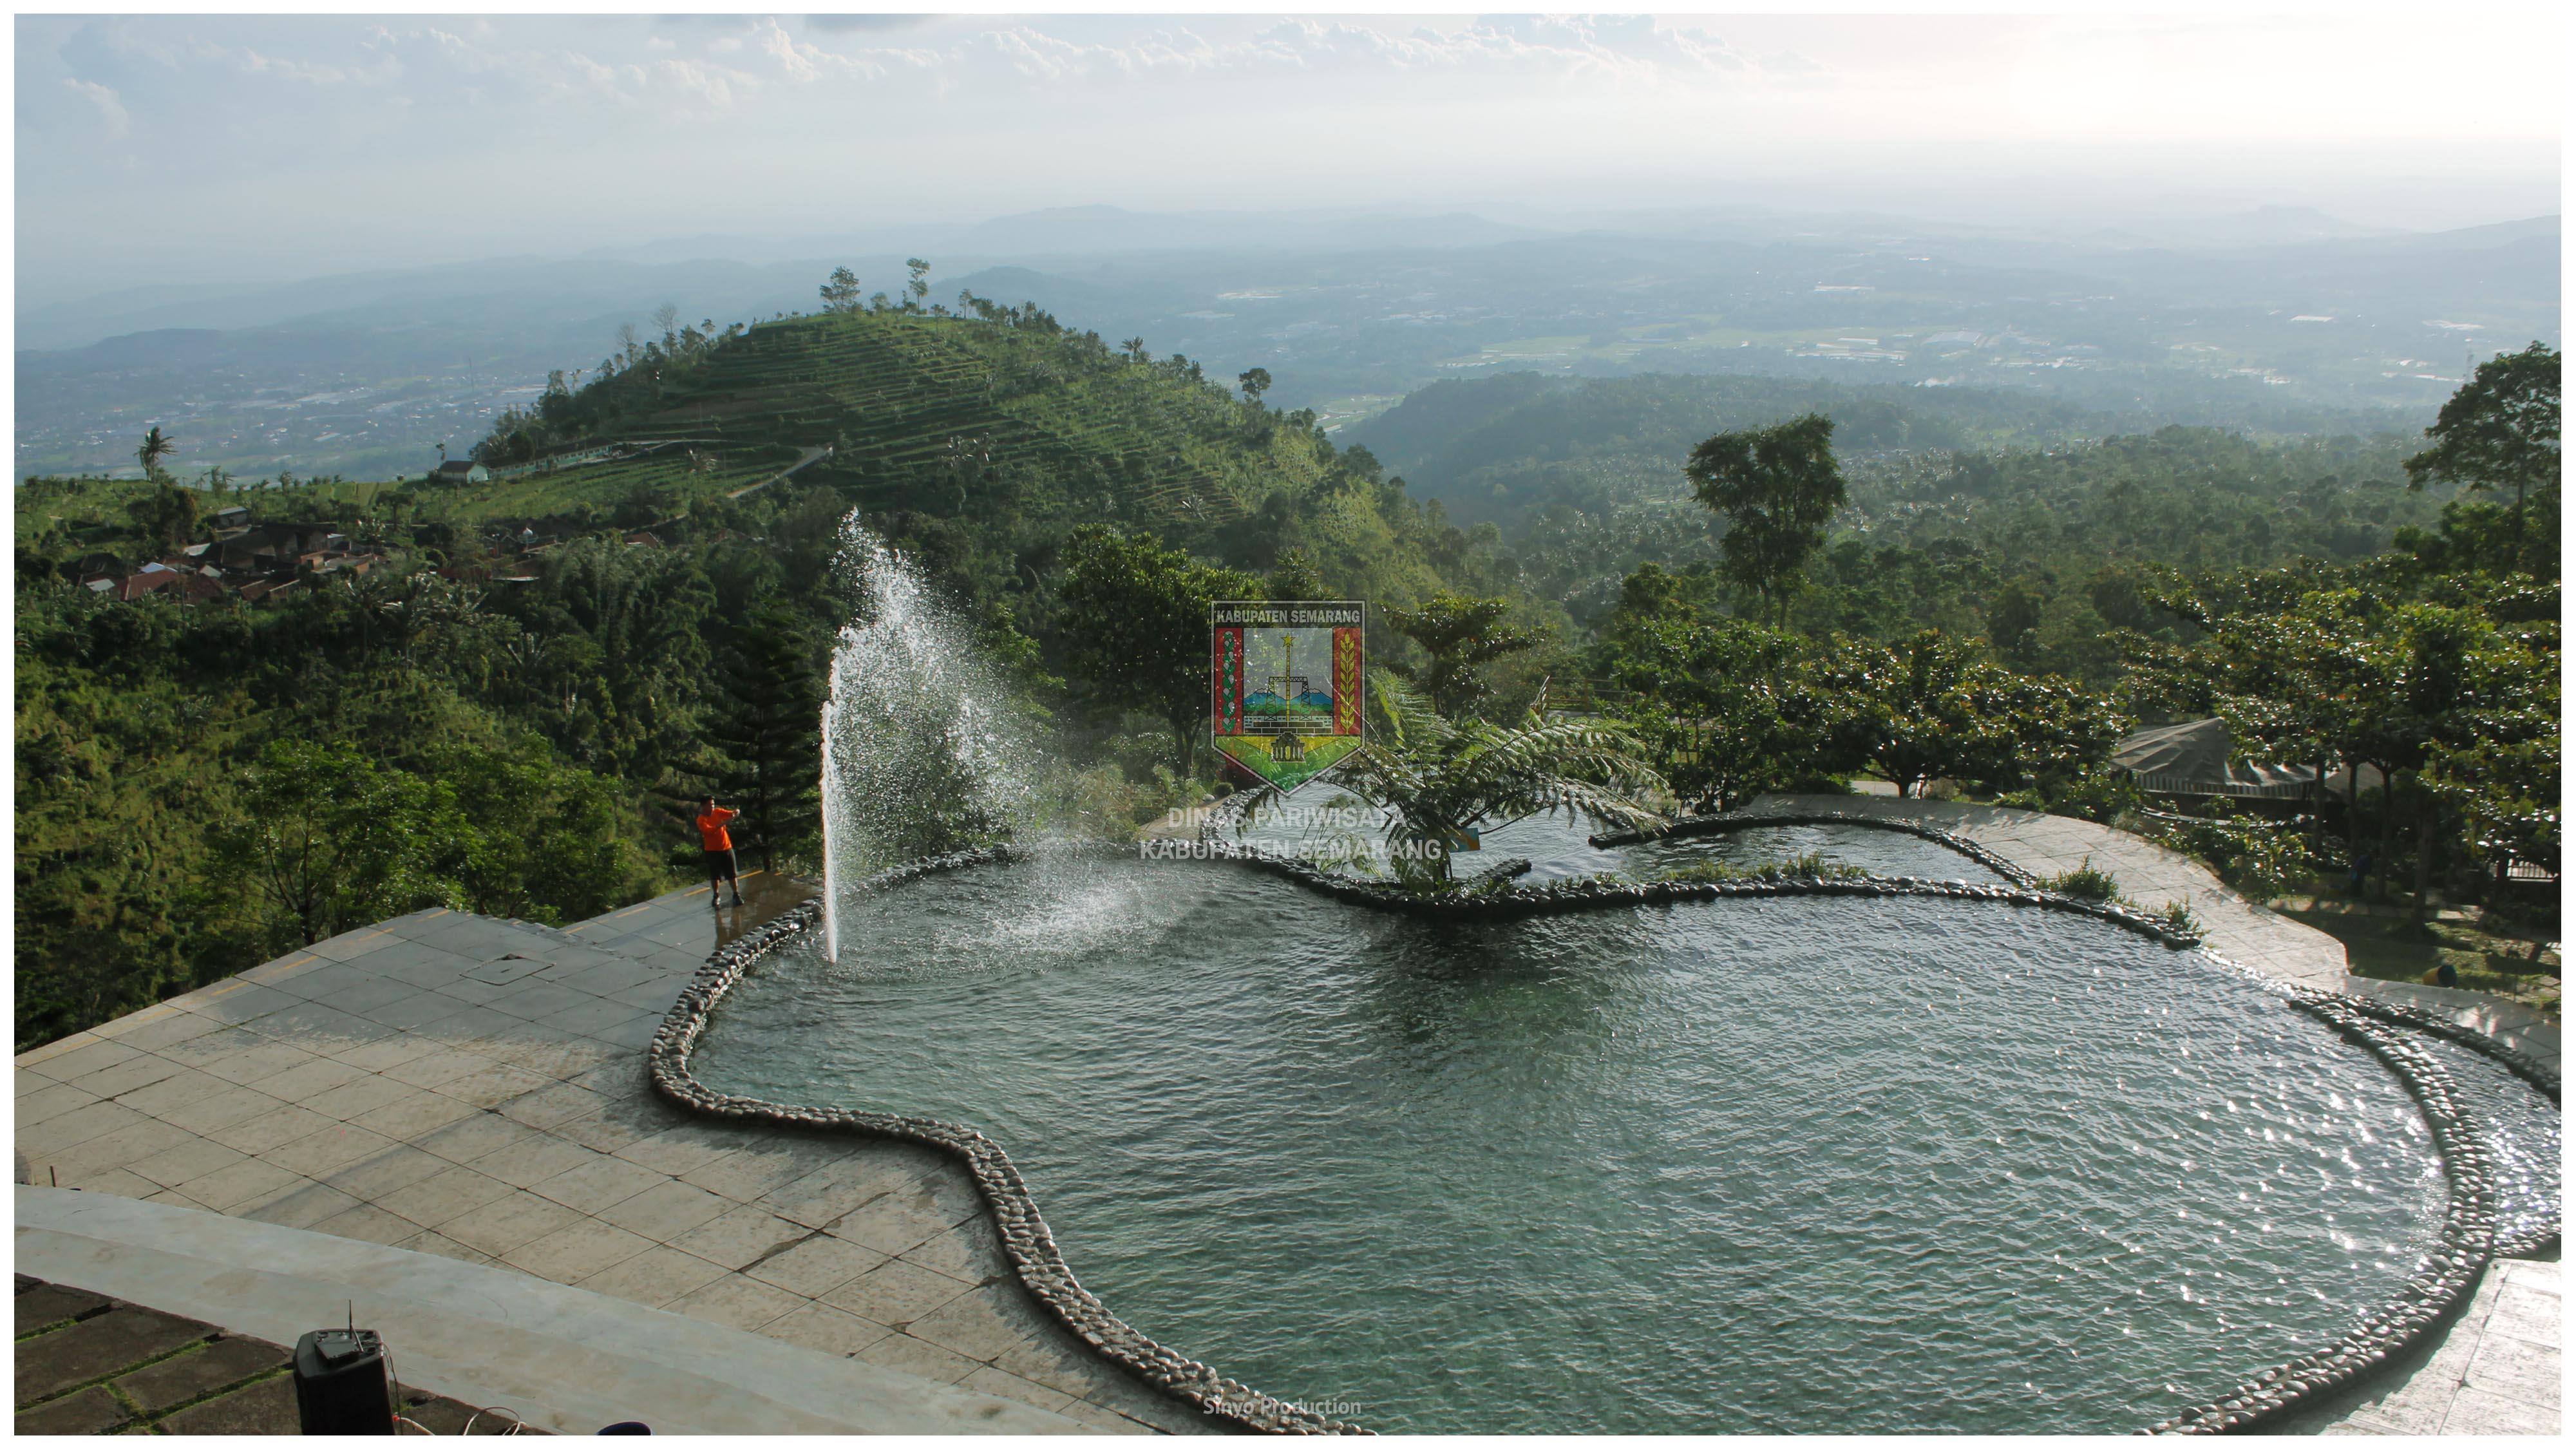 Umbul Sidomukti Kab Semarang Tourism Information Center Taman Diponegoro